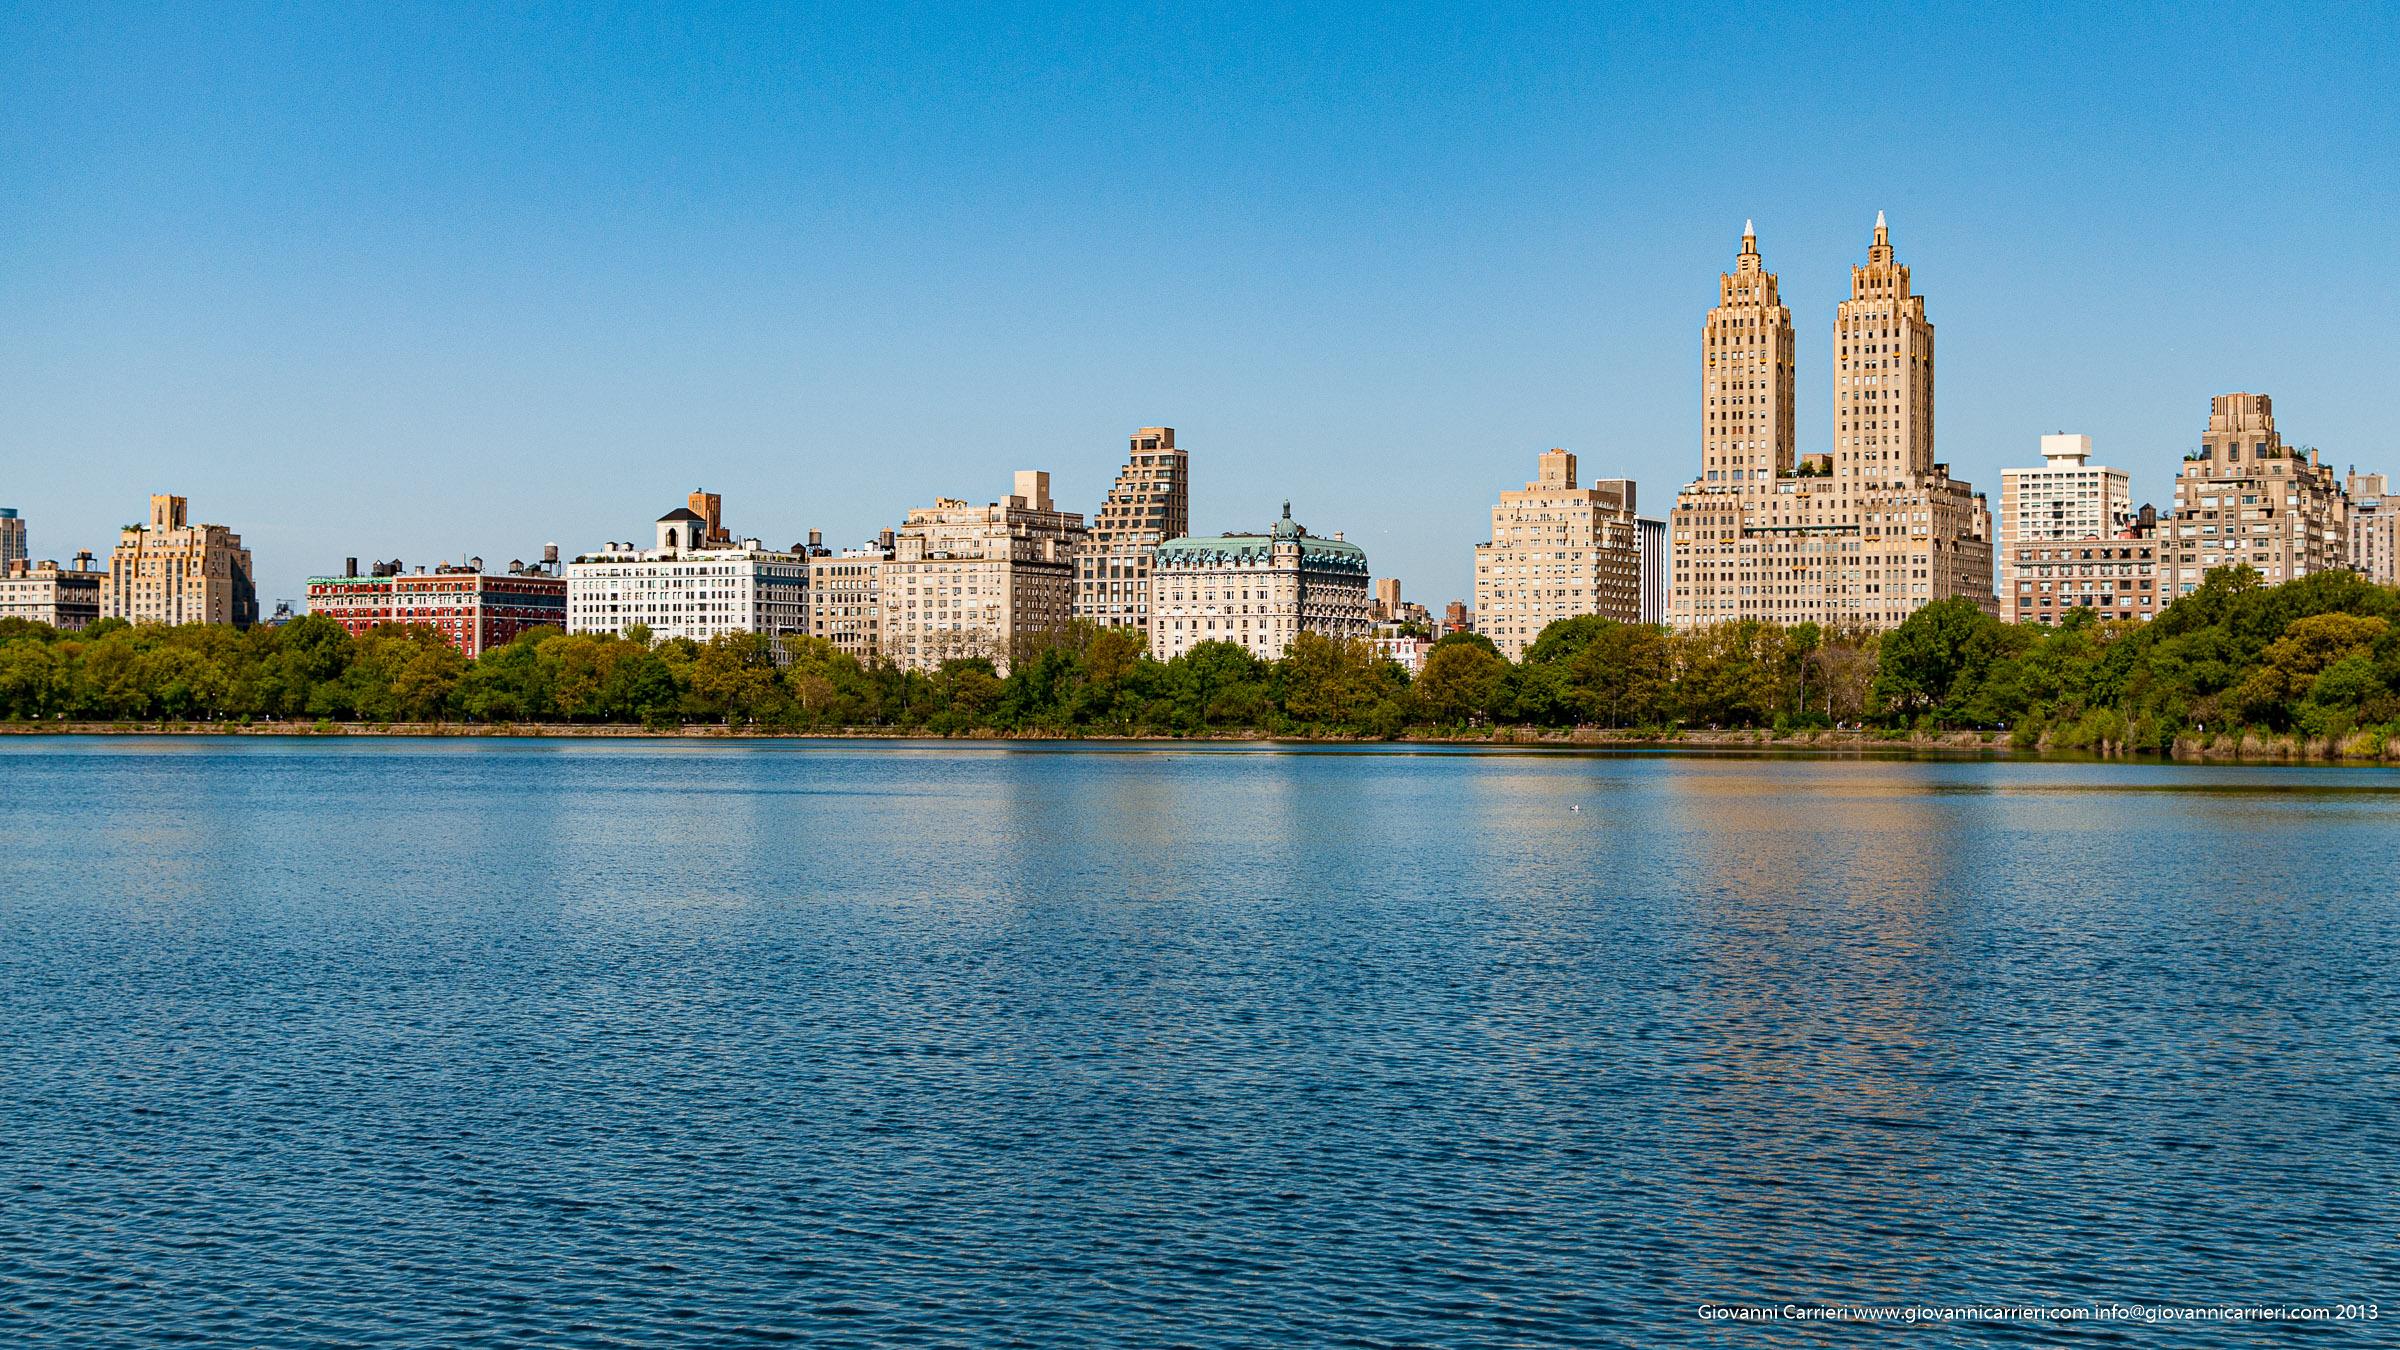 La riserva Jacqueline Kennedy presso il Central Park